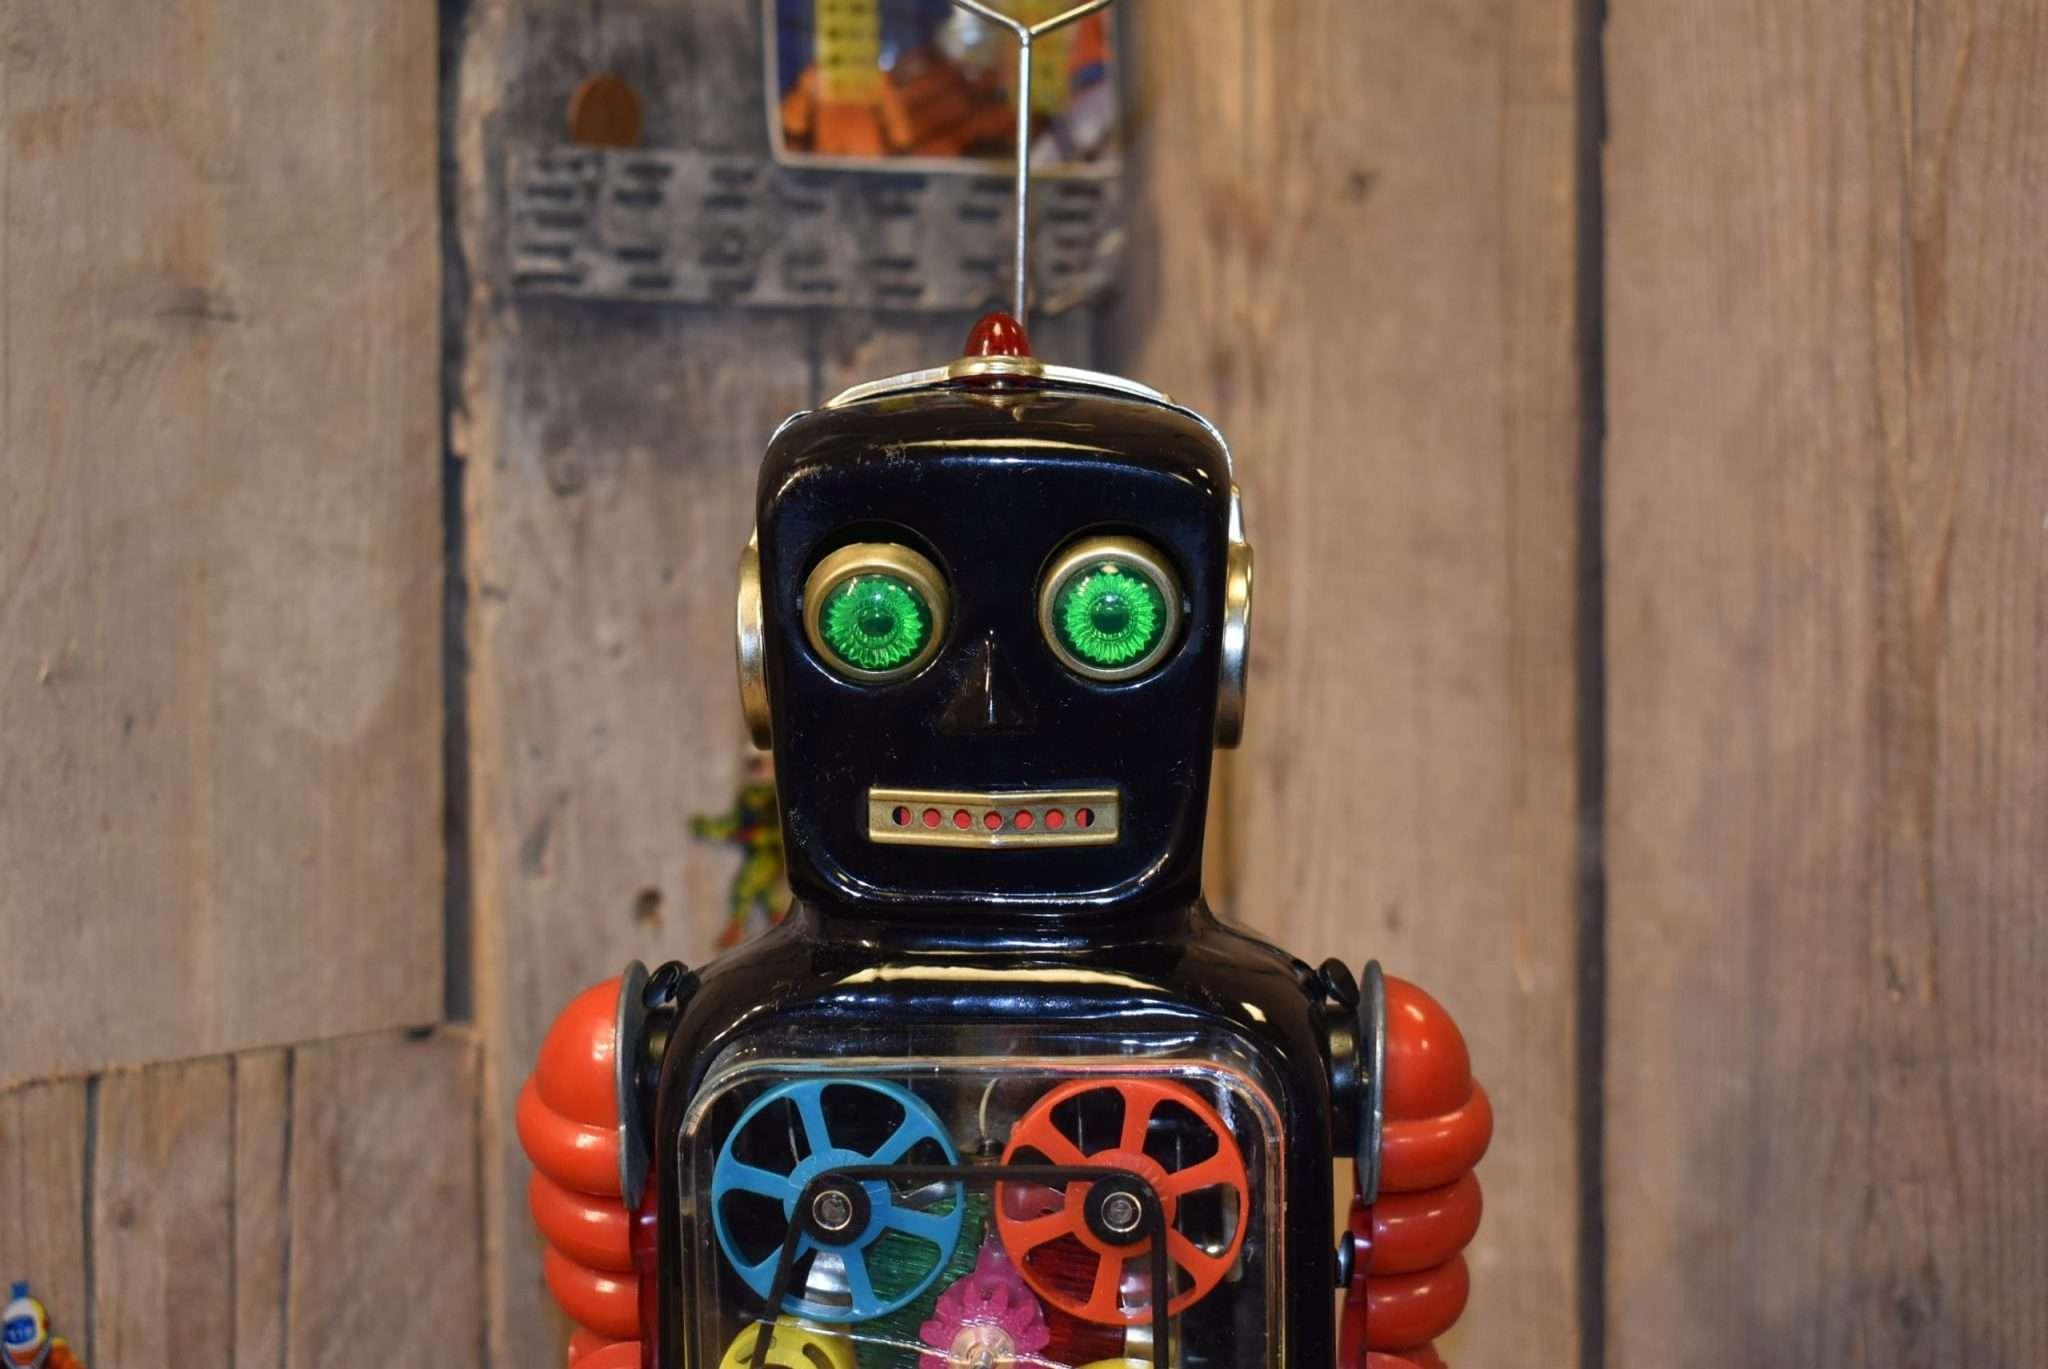 Taiyo - Wheel a Gear Robot